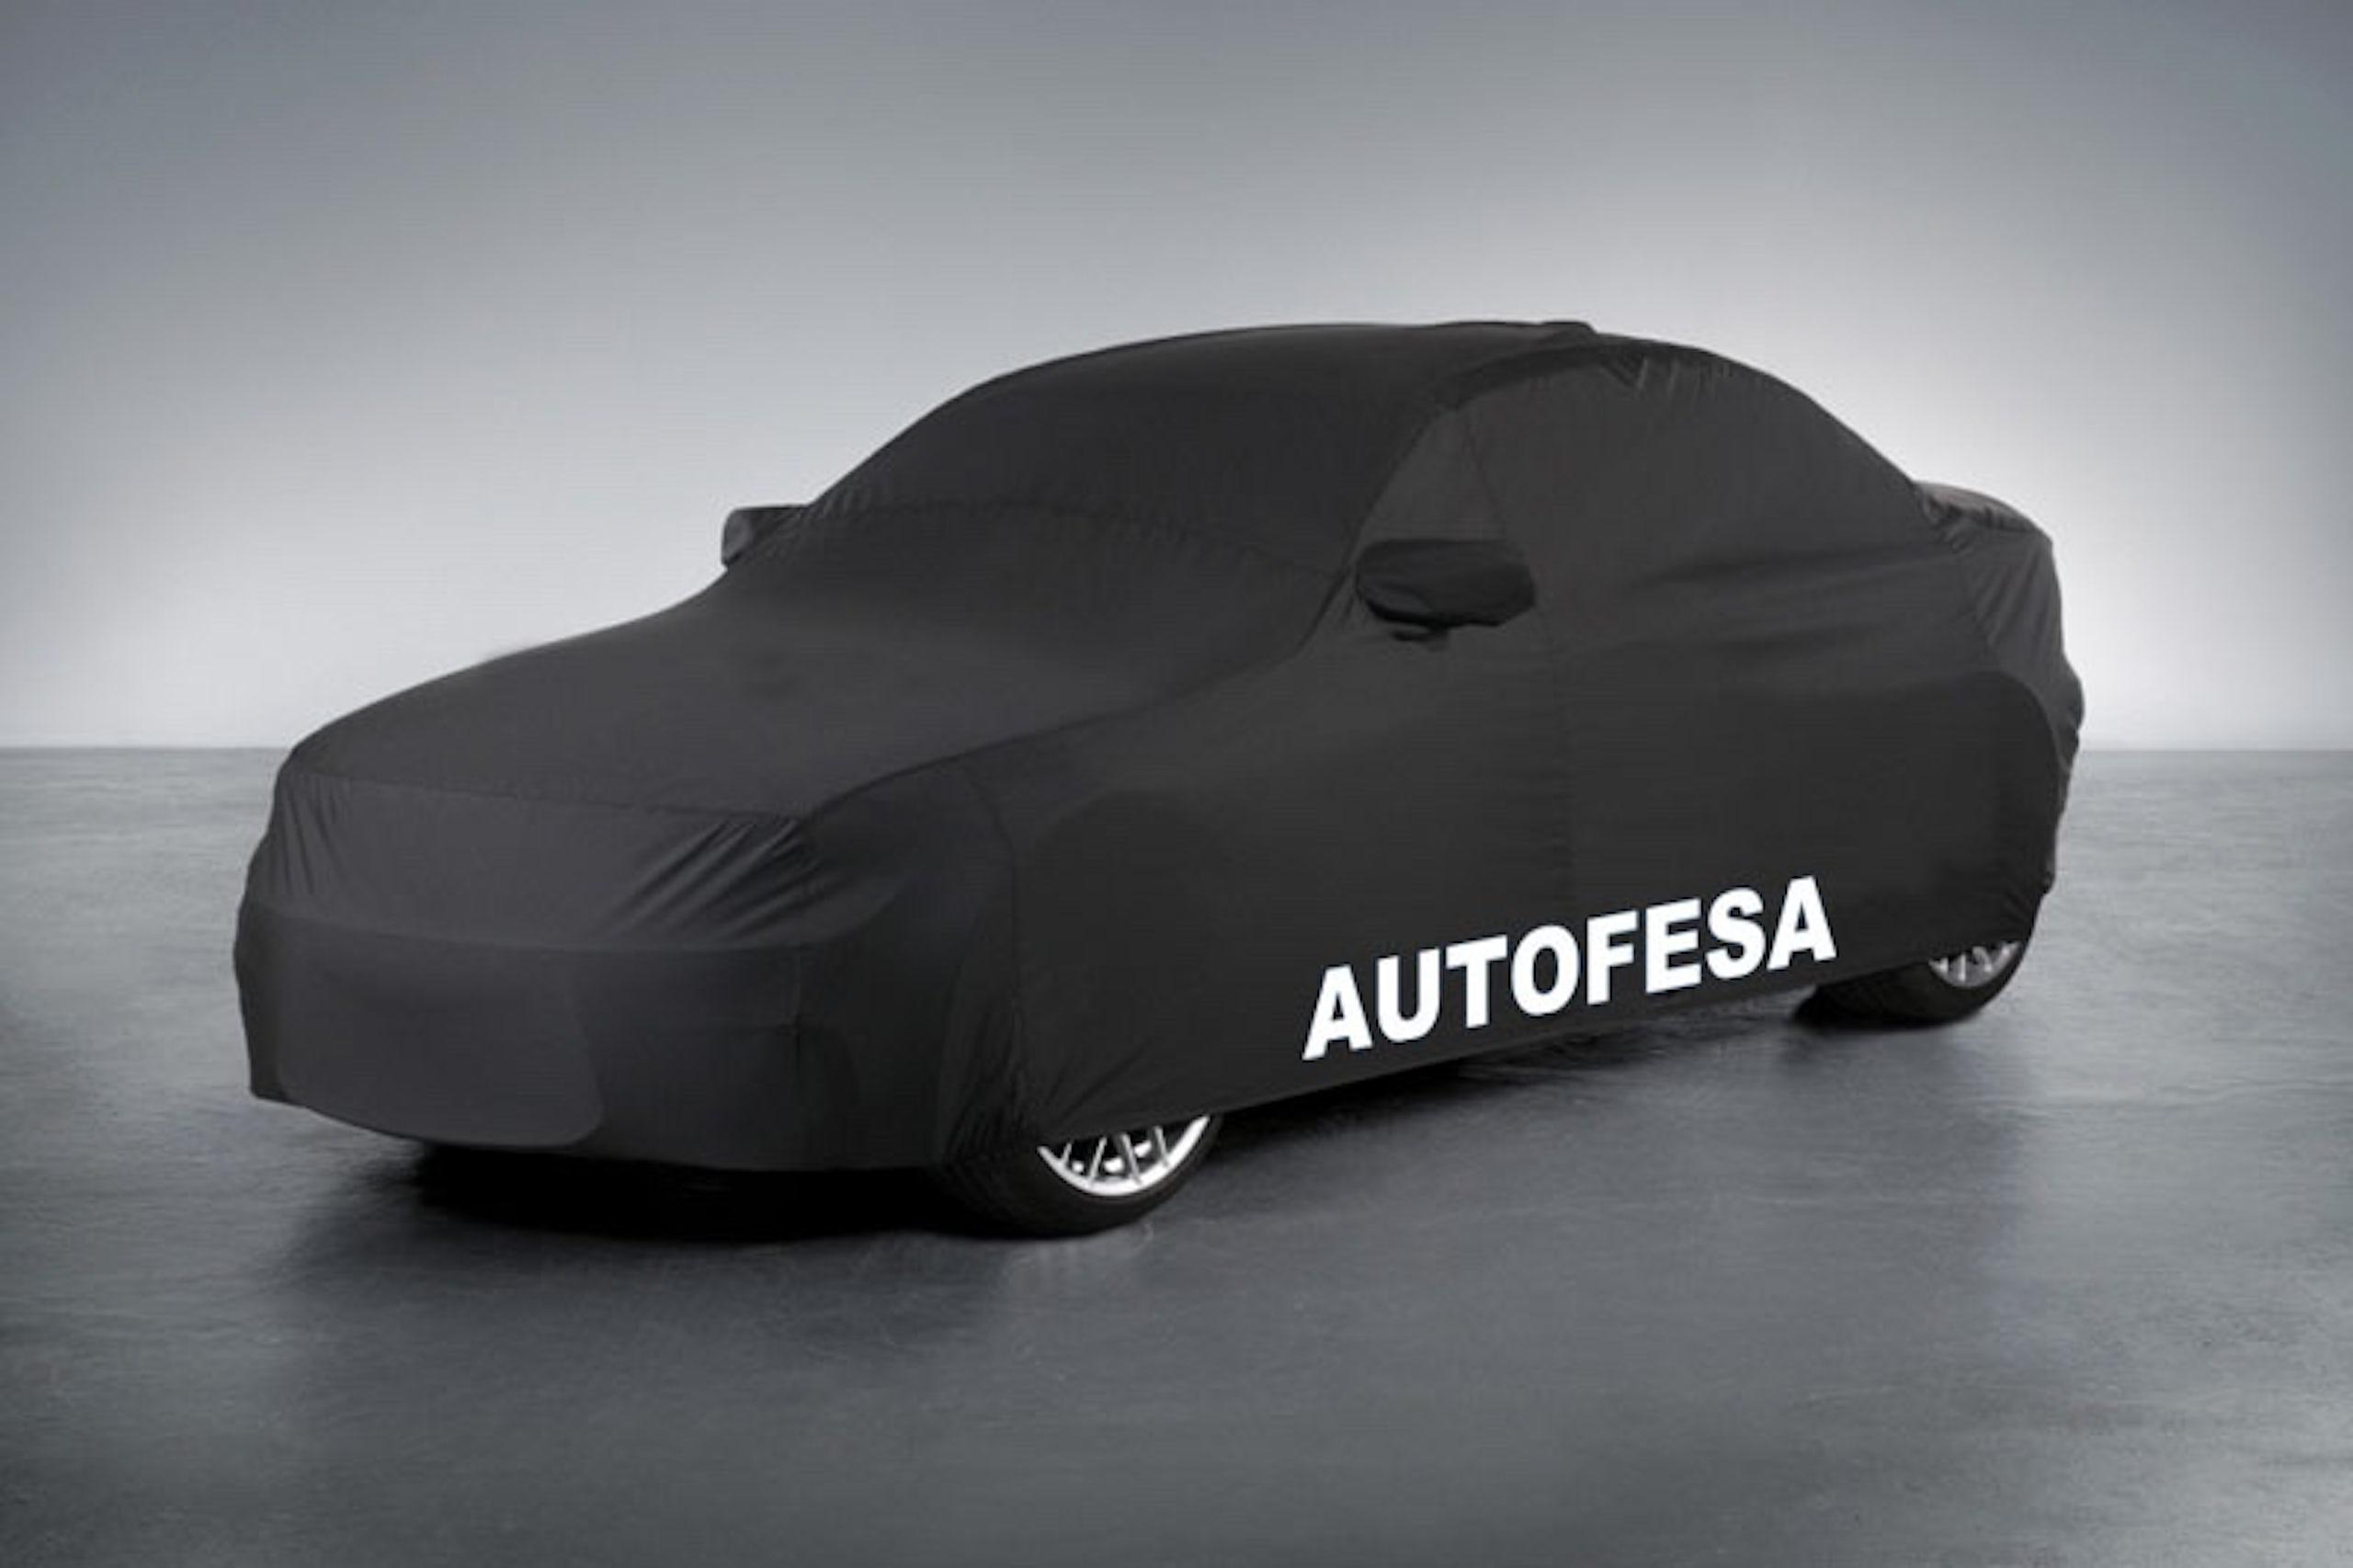 Audi A4 Avant 2.0 TDI 190cv quattro 5p S tronic Auto S/S - Foto 22